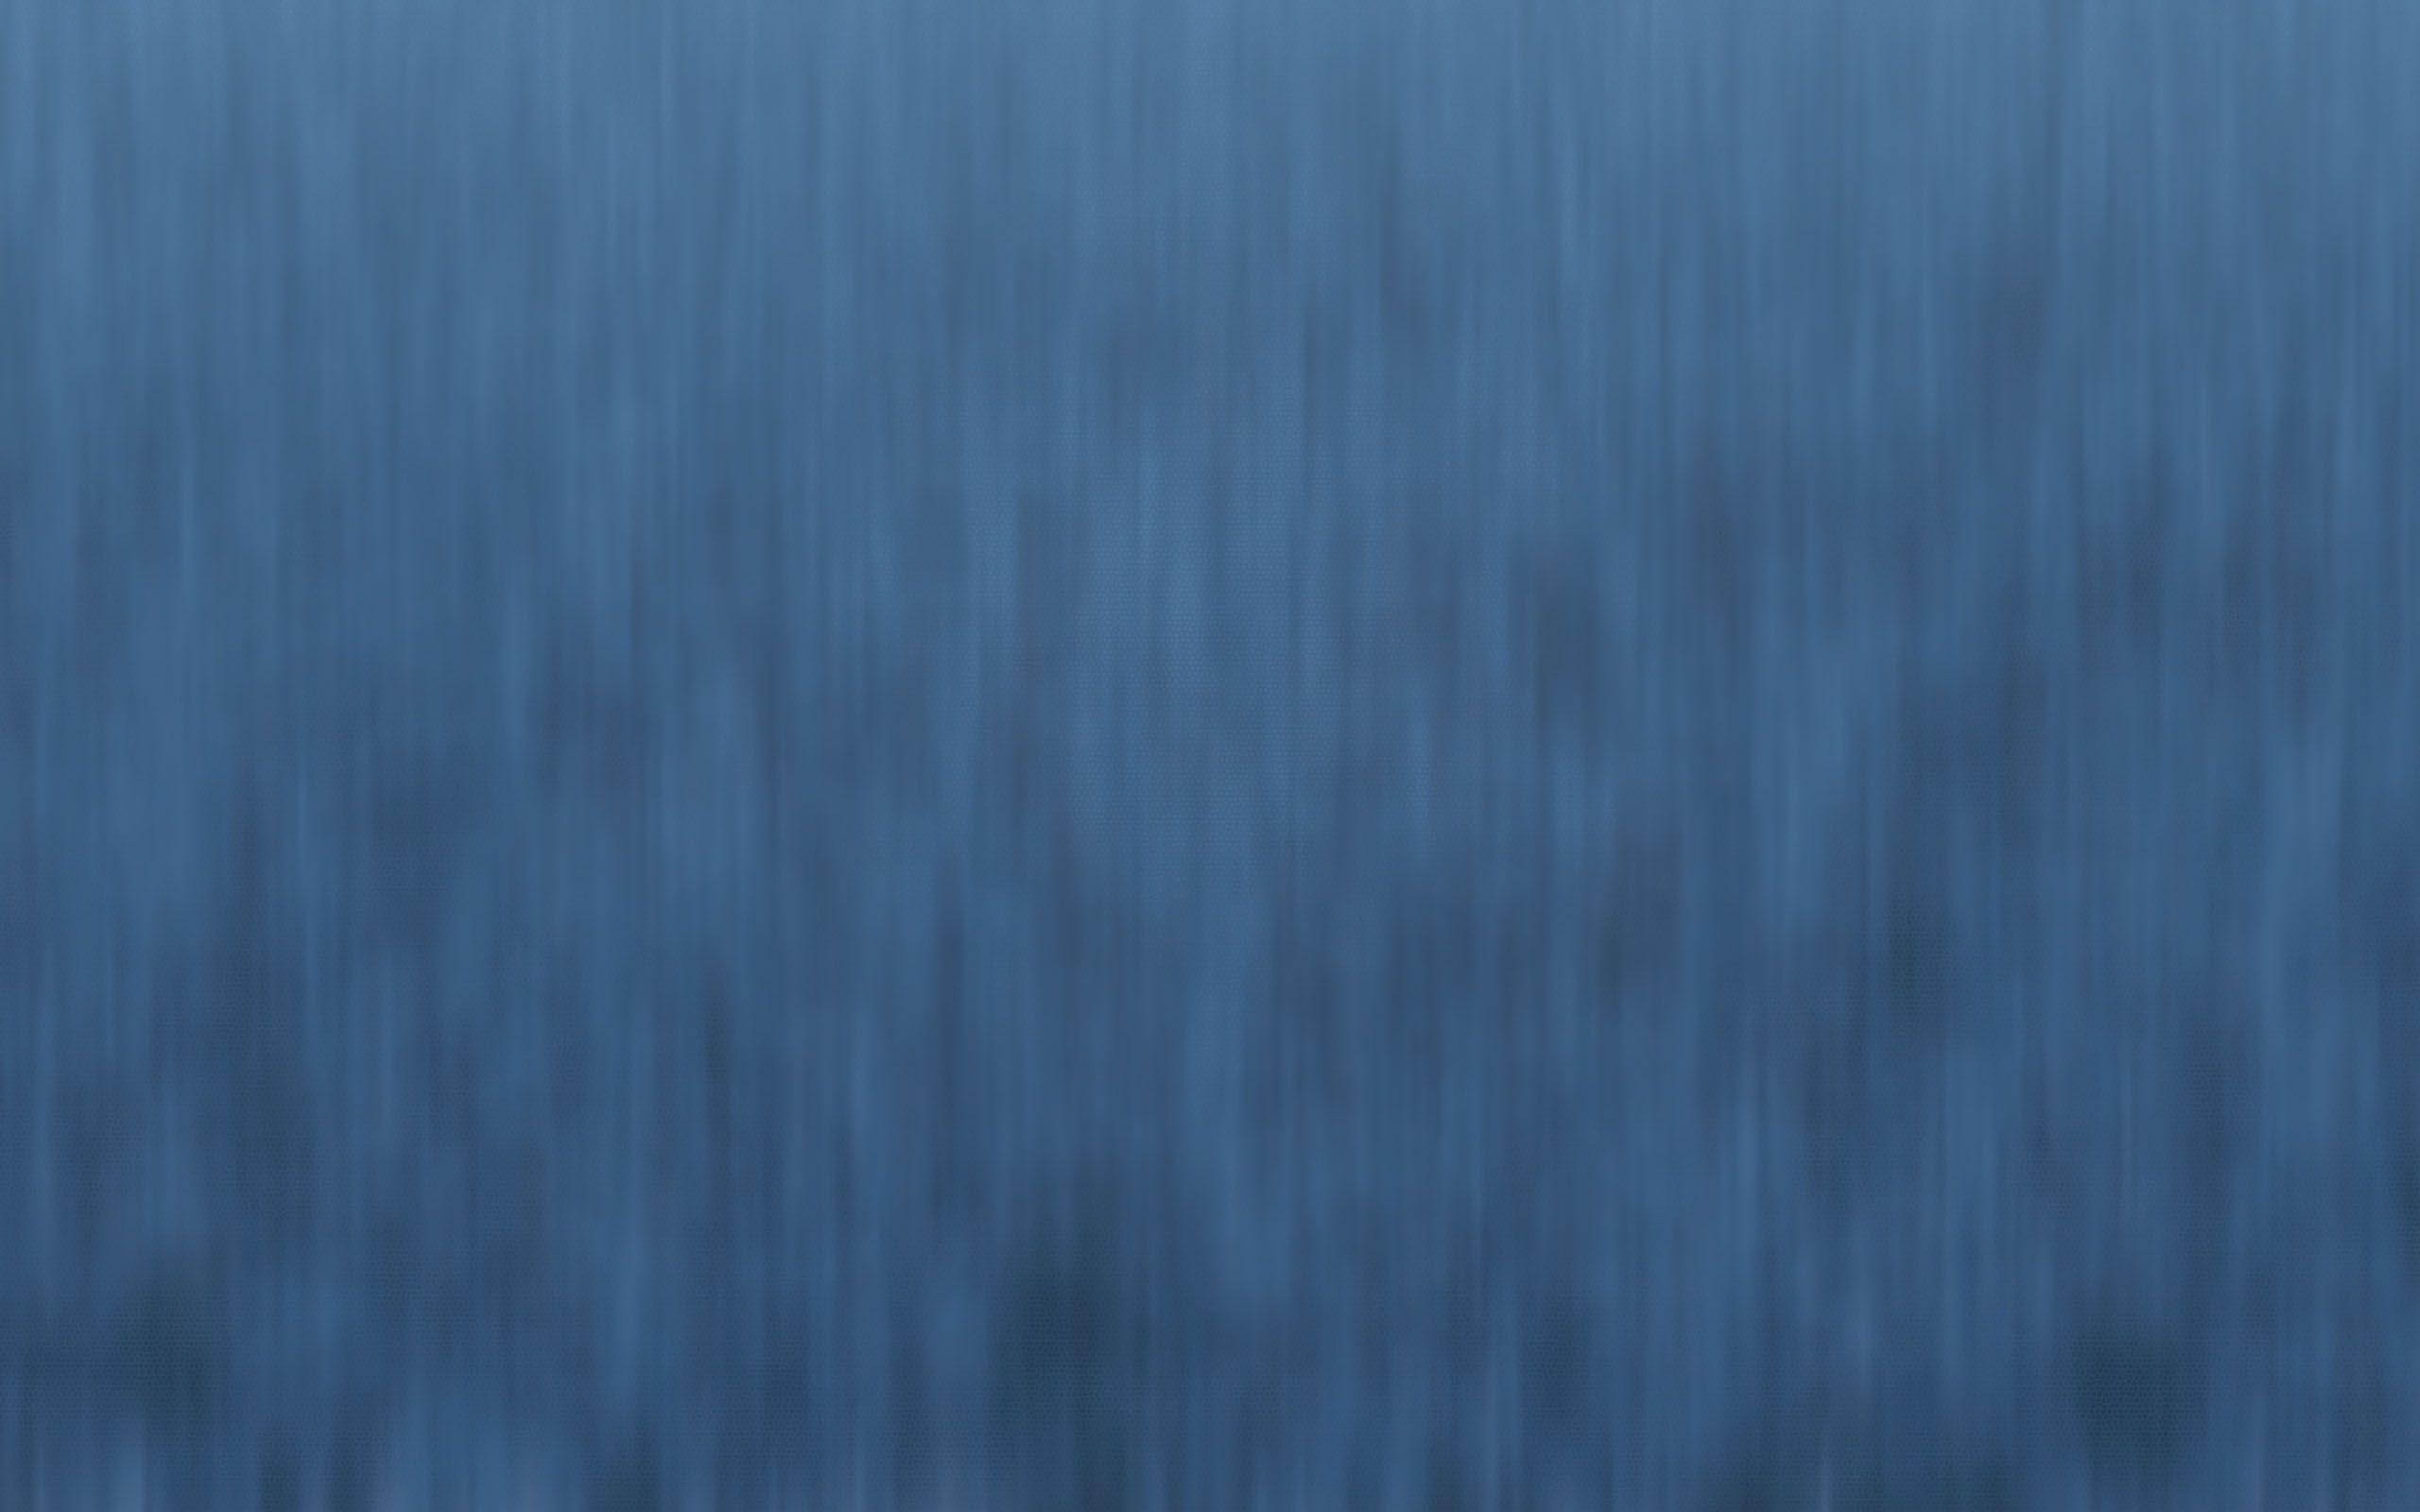 Simple Dark Blue Wallpapers Hd 1080p 11 Hd Wallpapers Hd Simple Wallpapers 1080p 736984 Hd Wallpaper Backgrounds Download